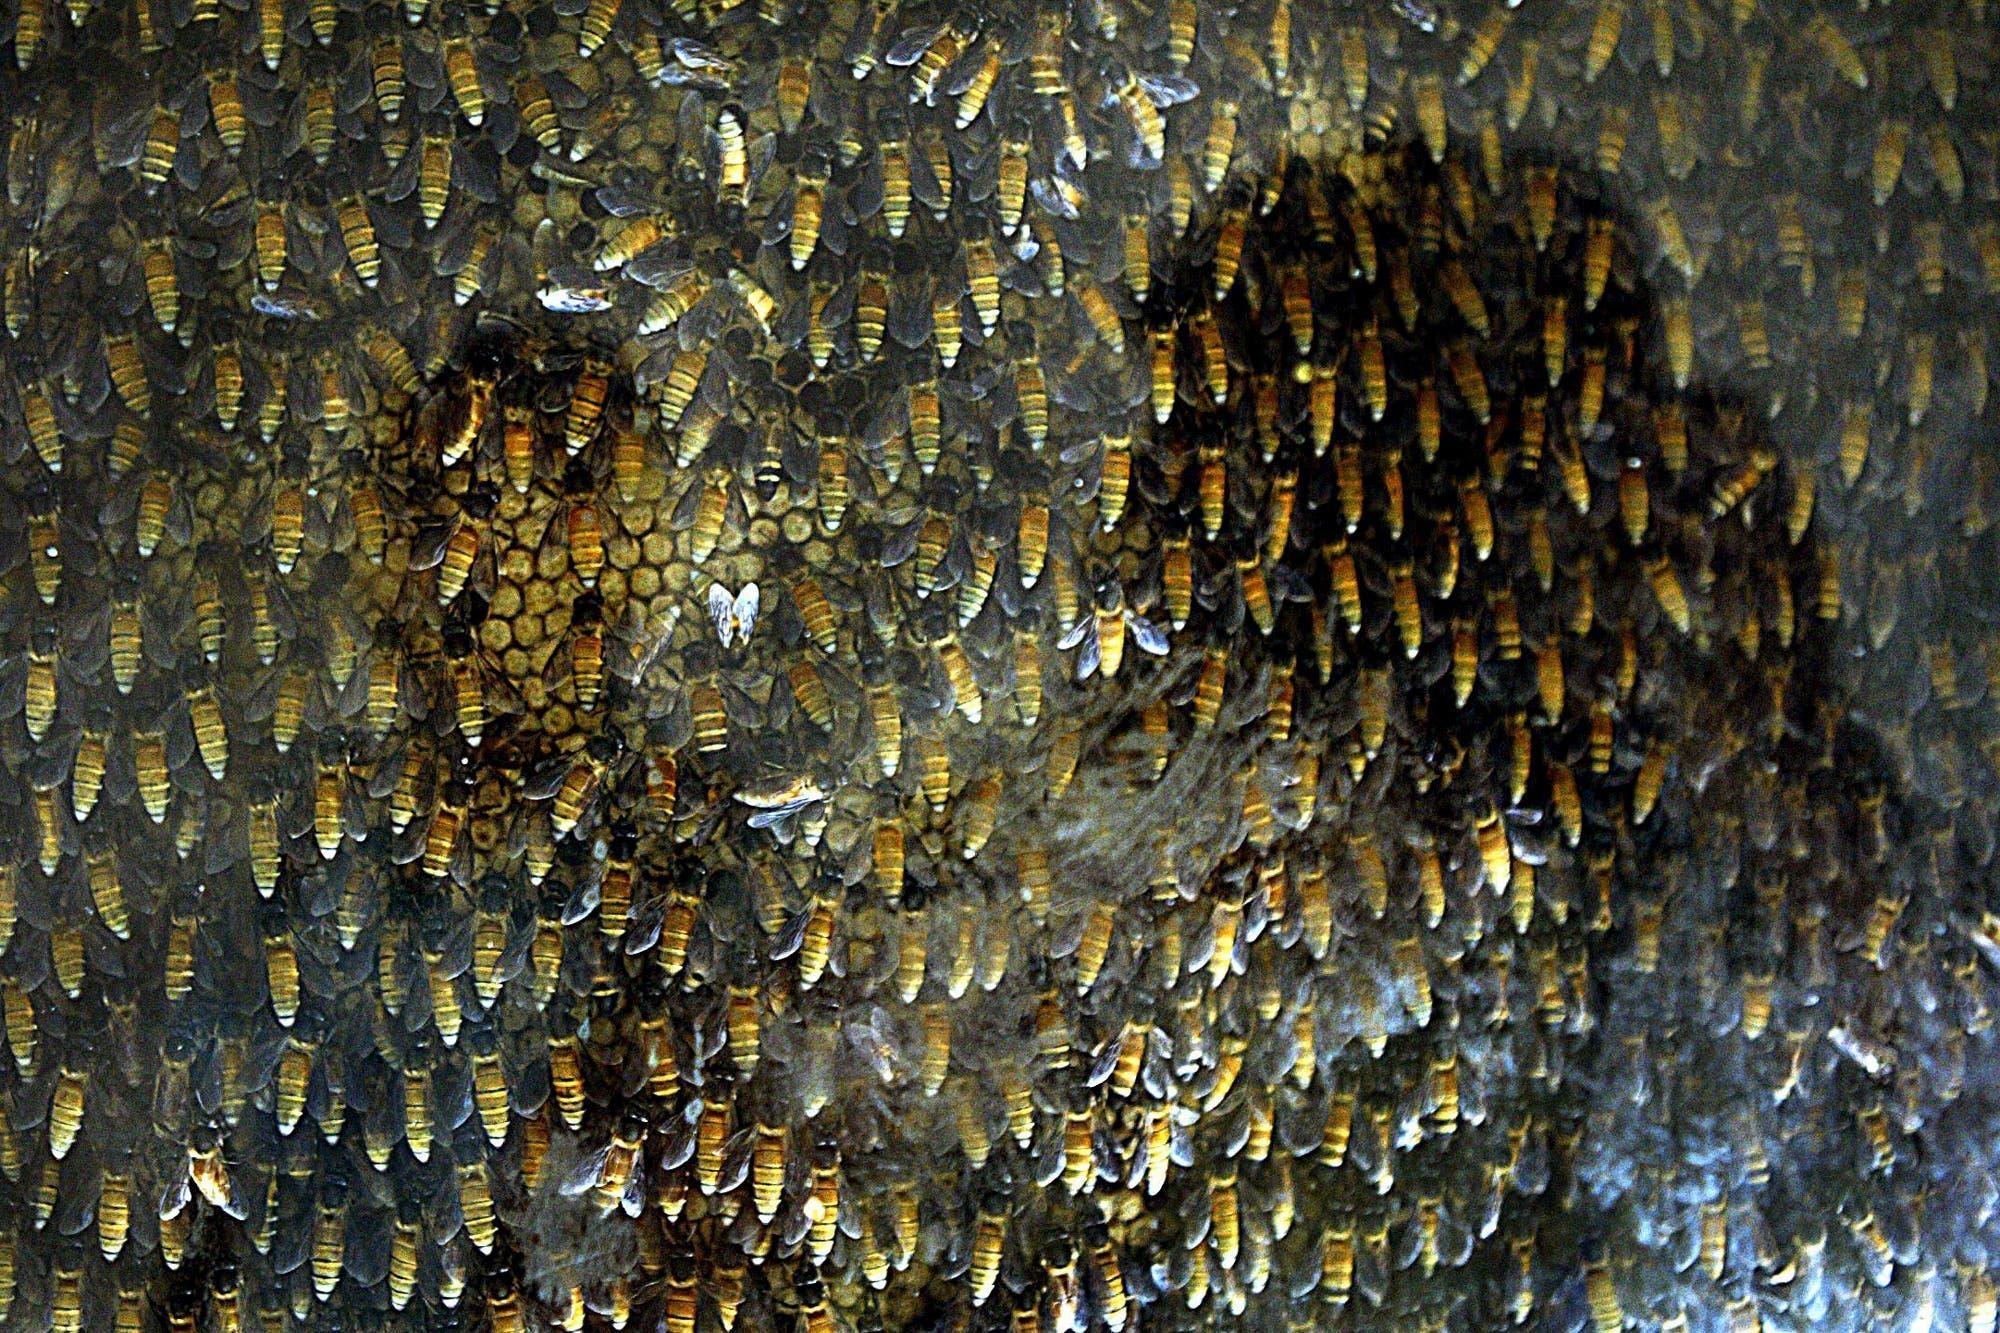 Des médecins découvrent 4 abeilles vivant à l'intérieur de l'oeil d'une femme et se nourrissant de ses larmes